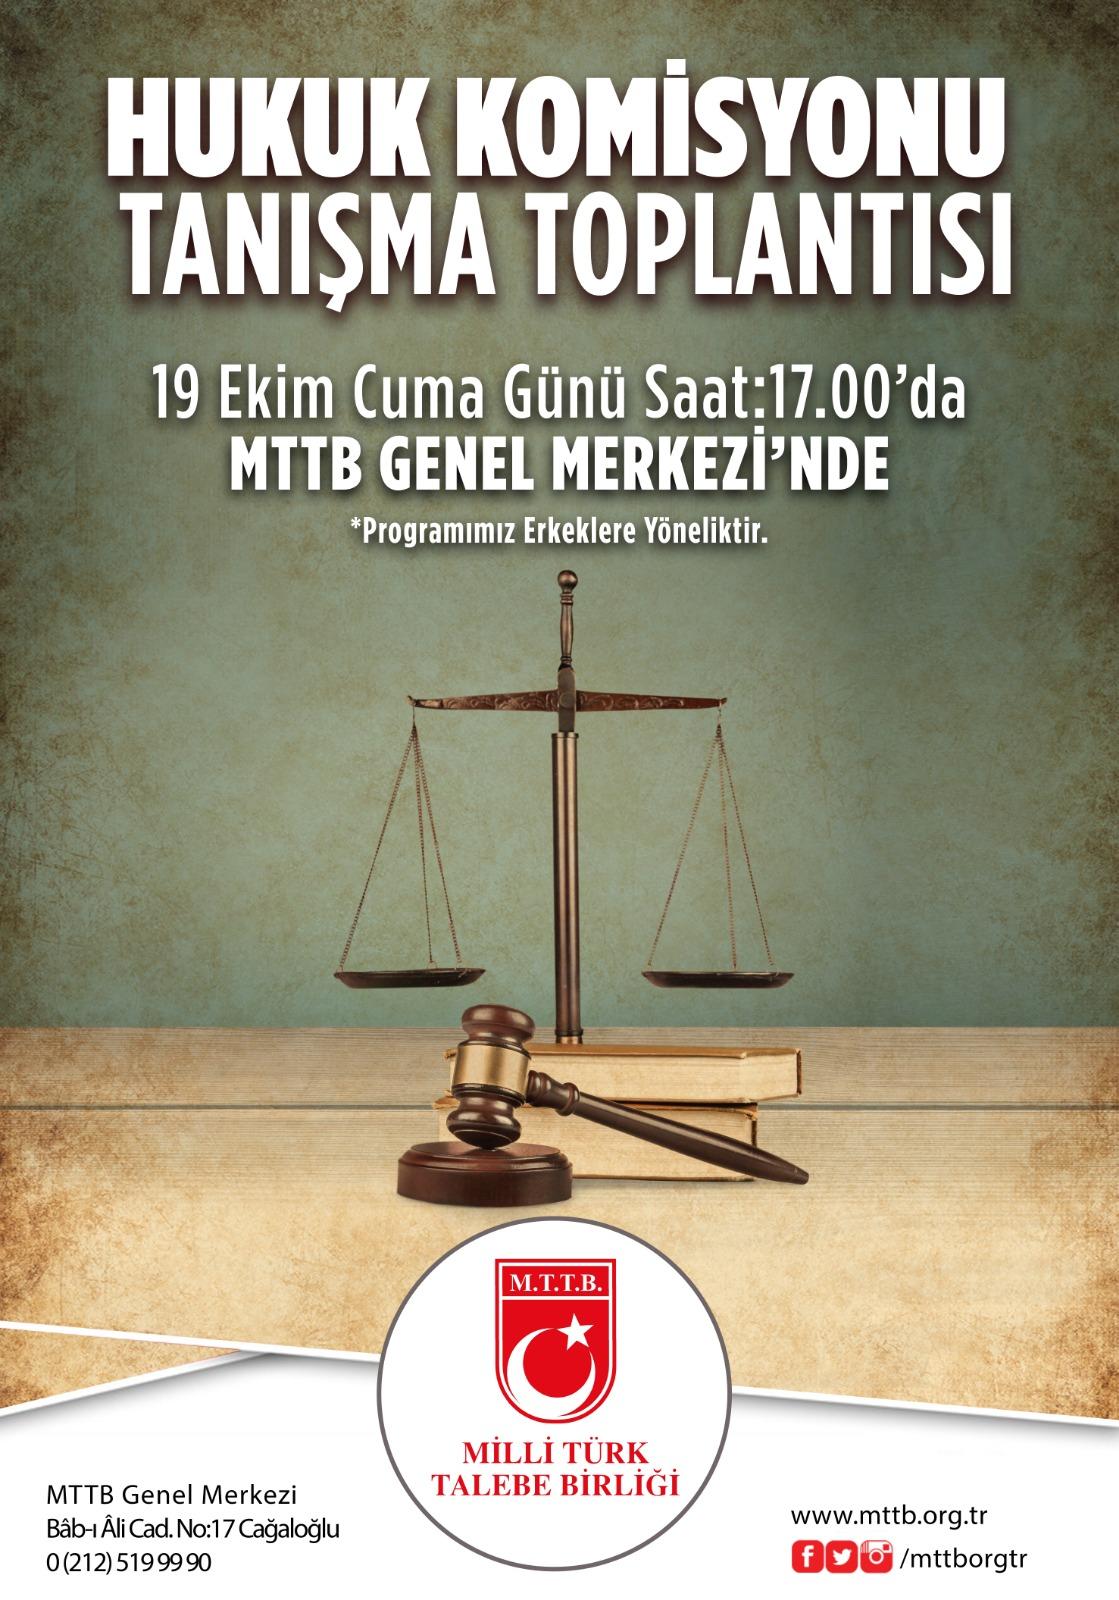 MTTB Hukuk Komisyonu